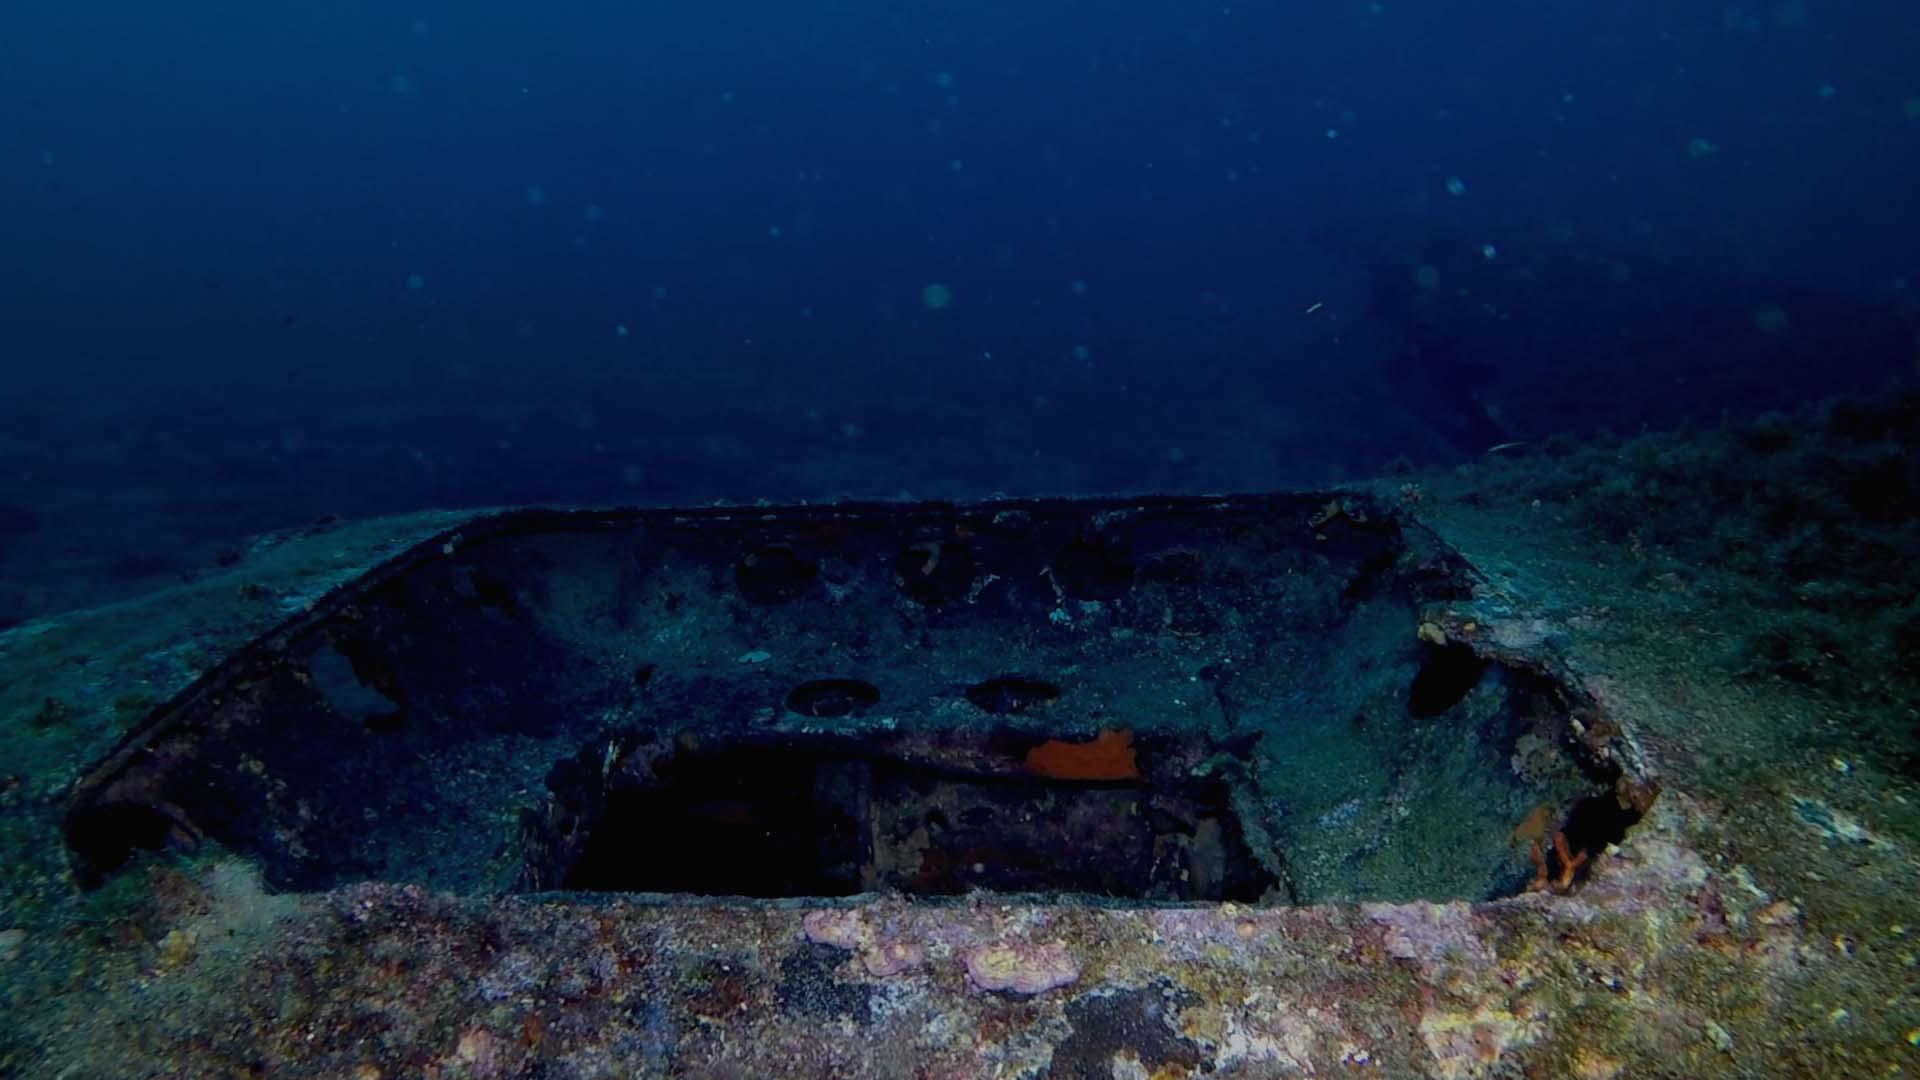 Junker 88 di Santa Caterina boccaporto del battello di salvataggio